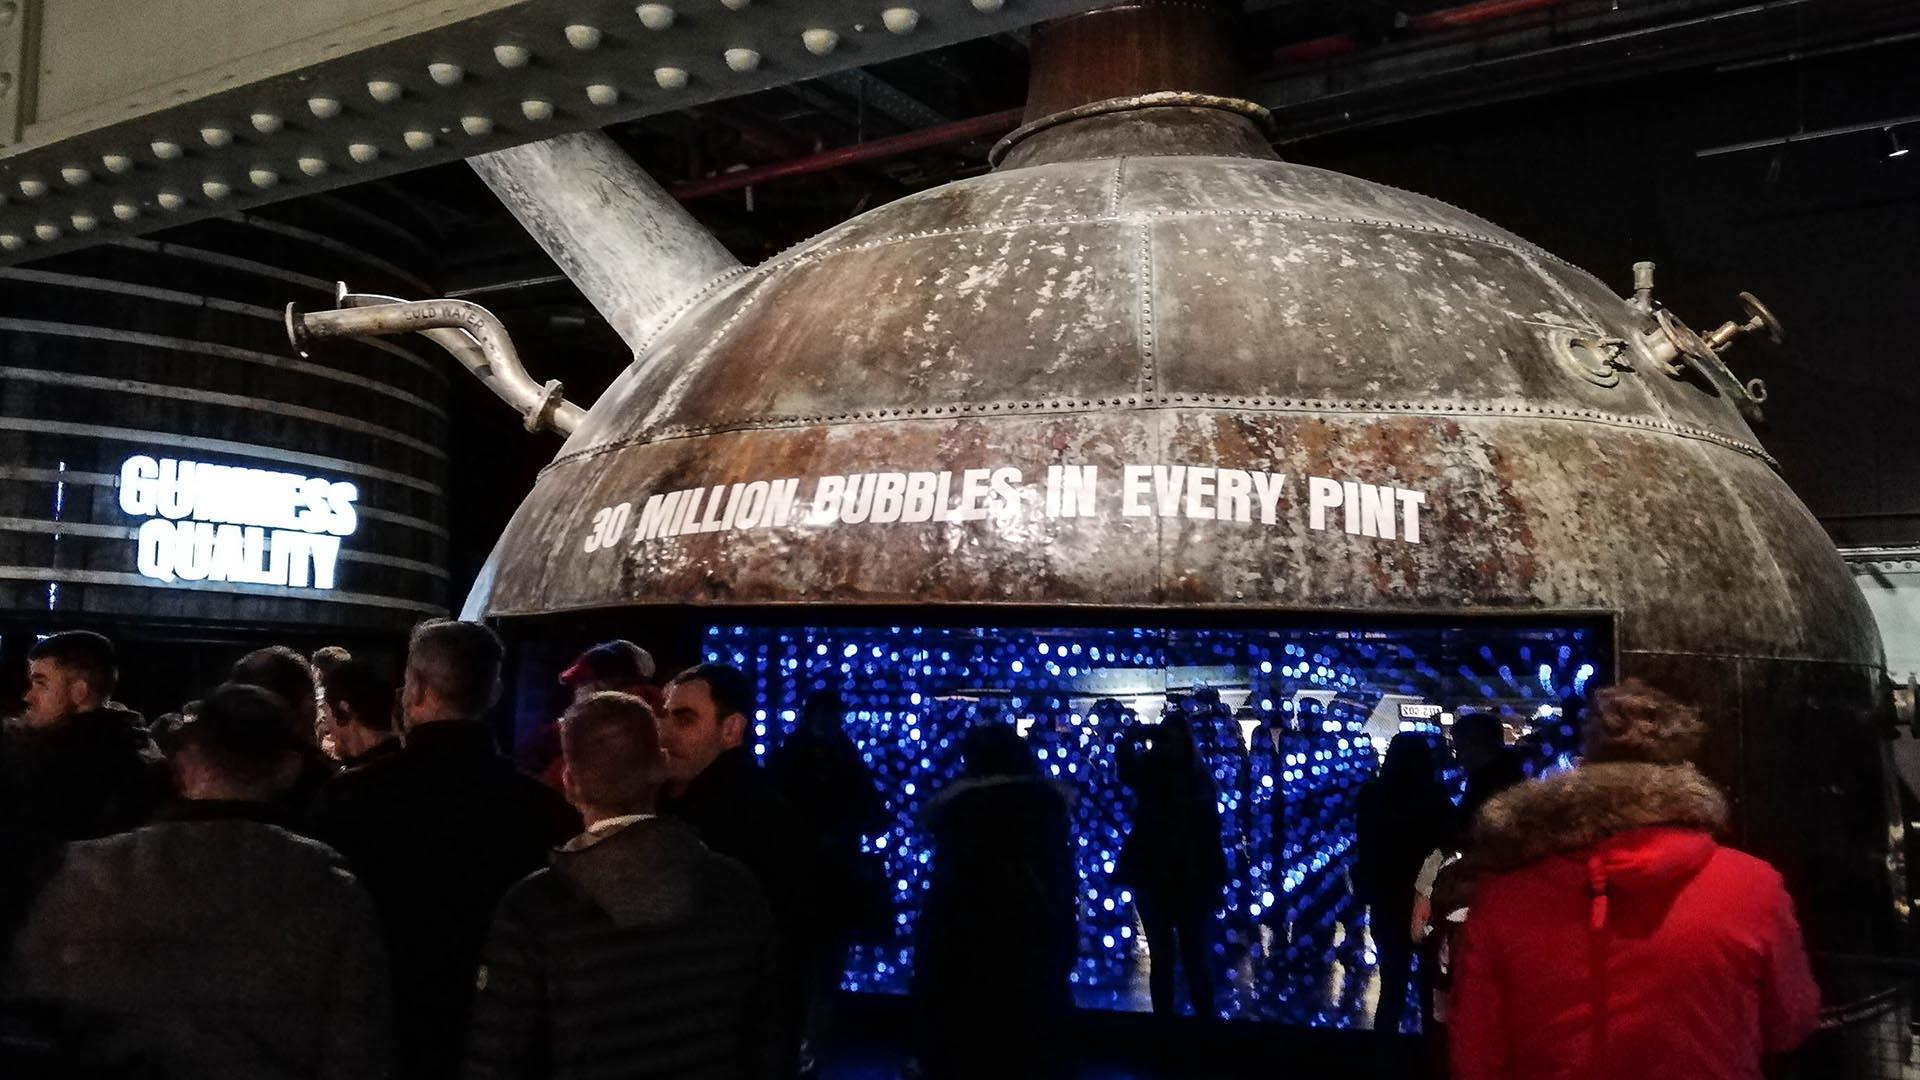 El secreto de las burbujas de la cerveza Guinness